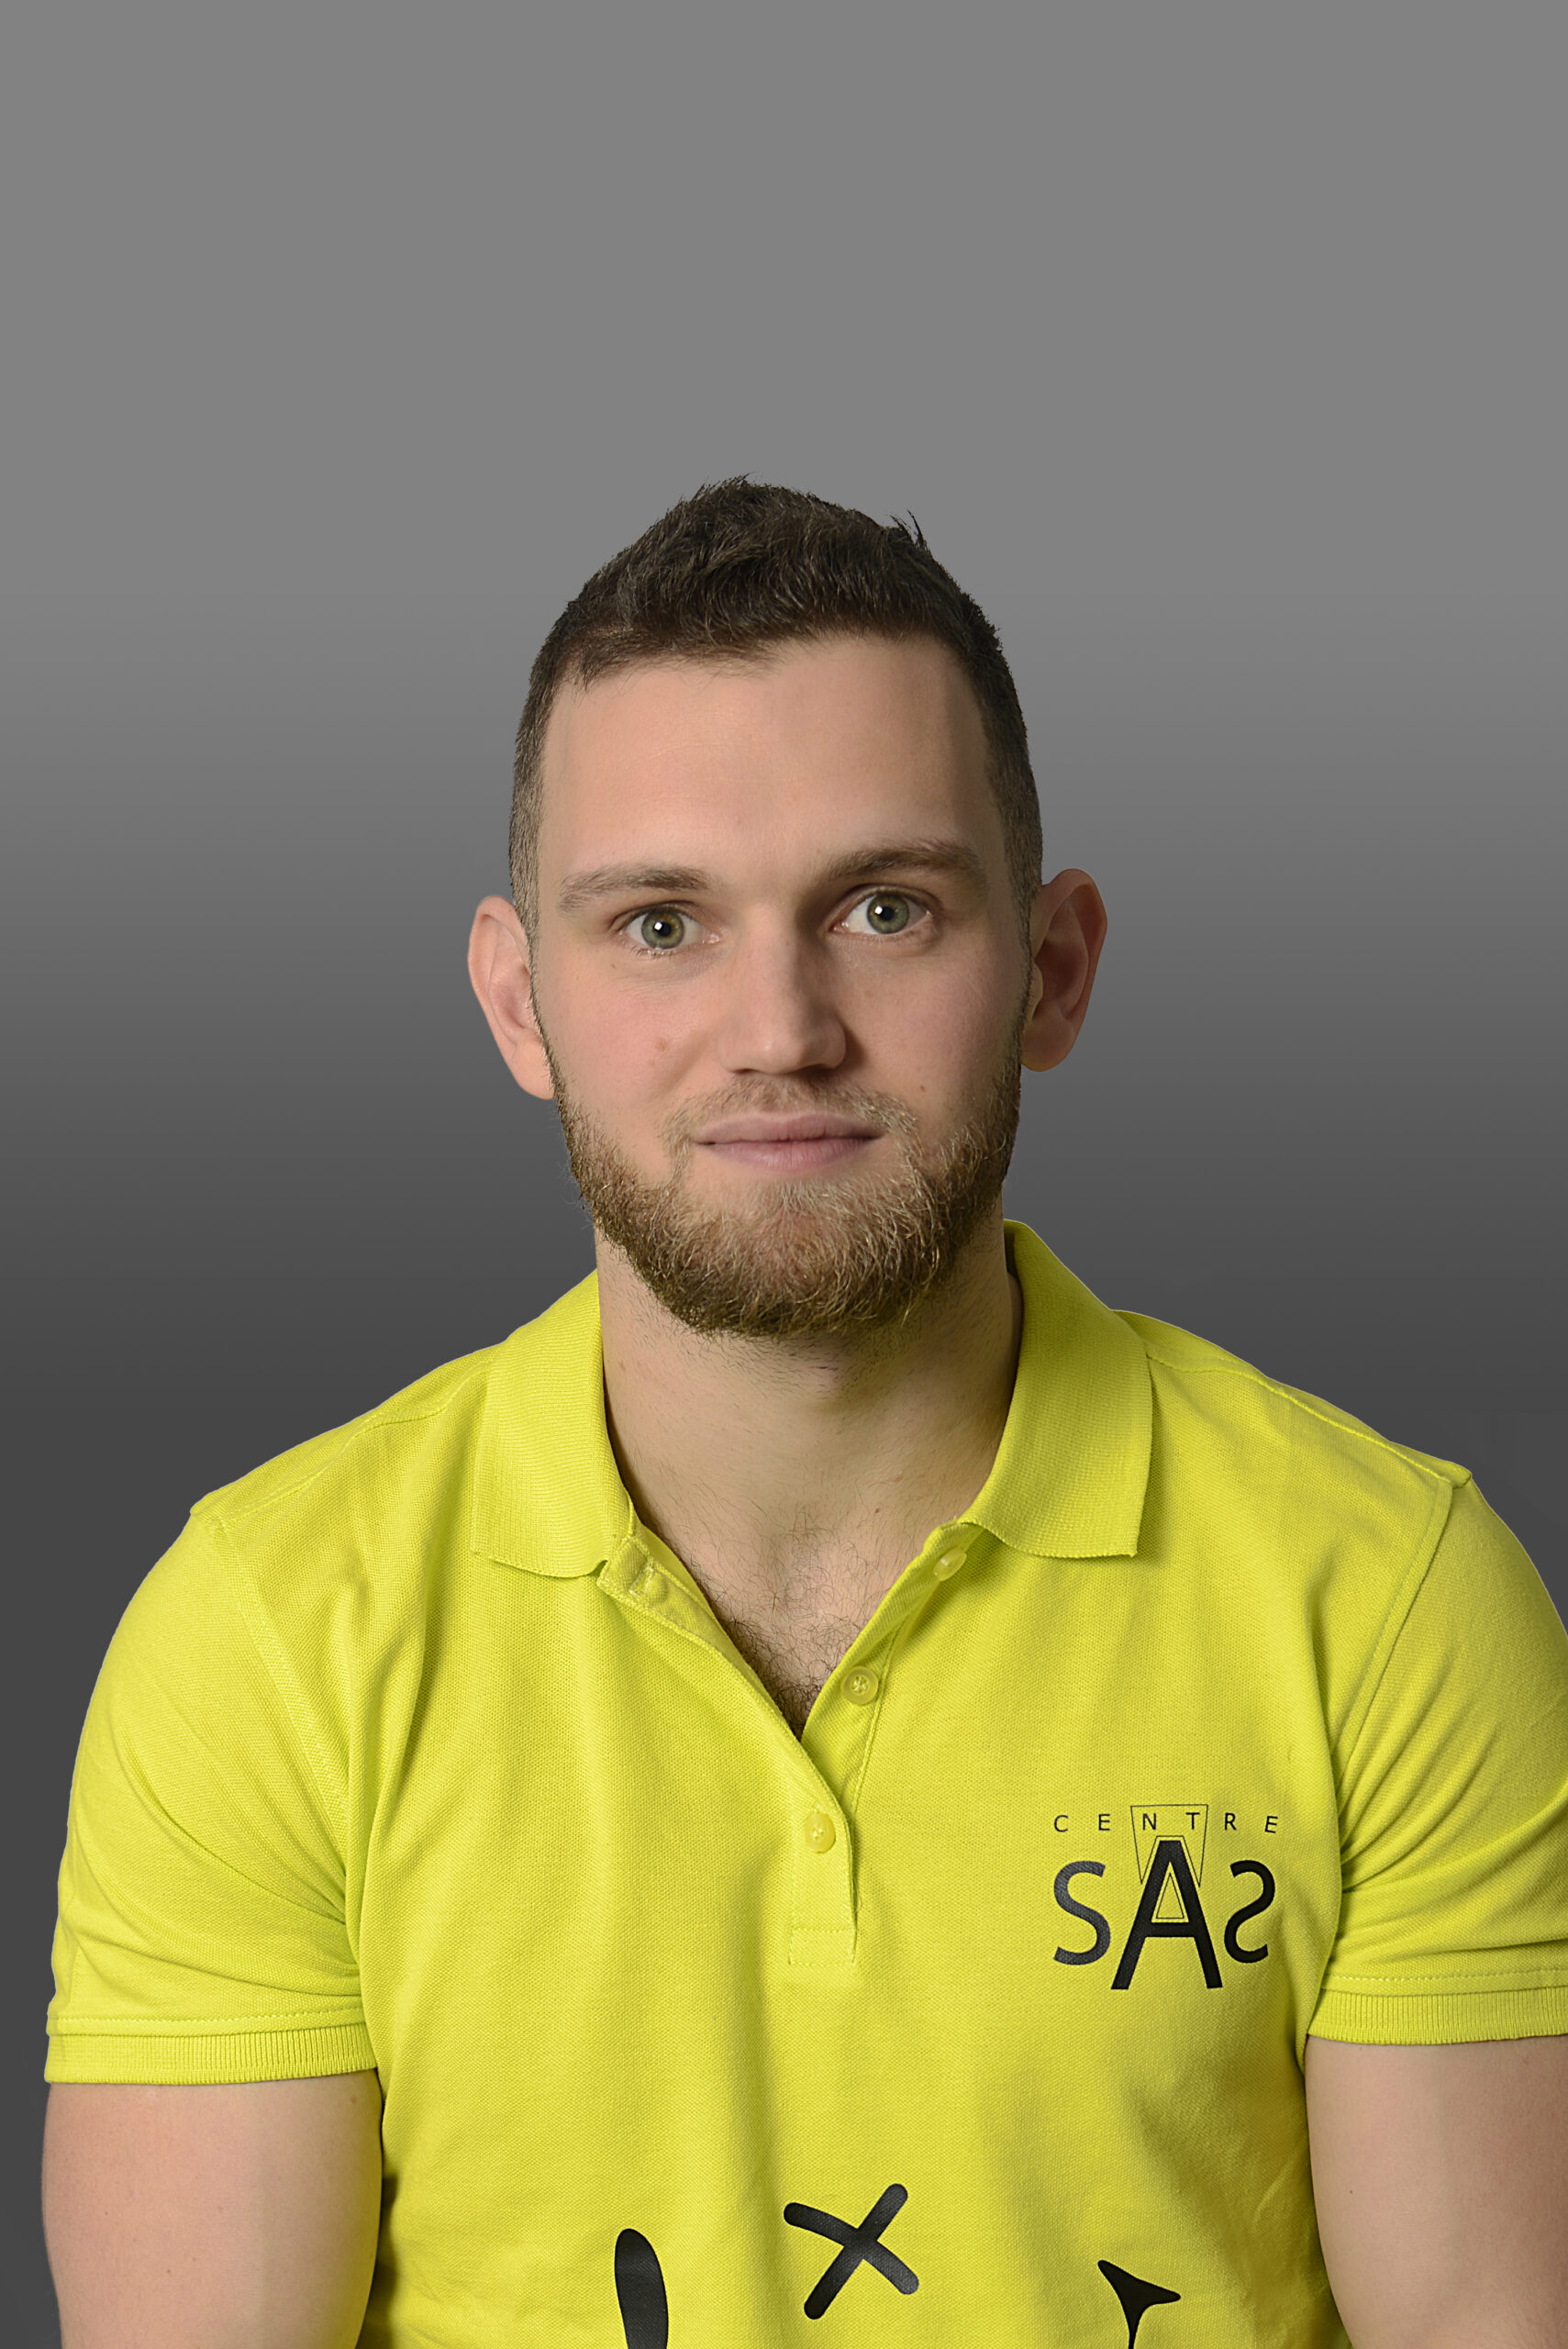 Centre SAS